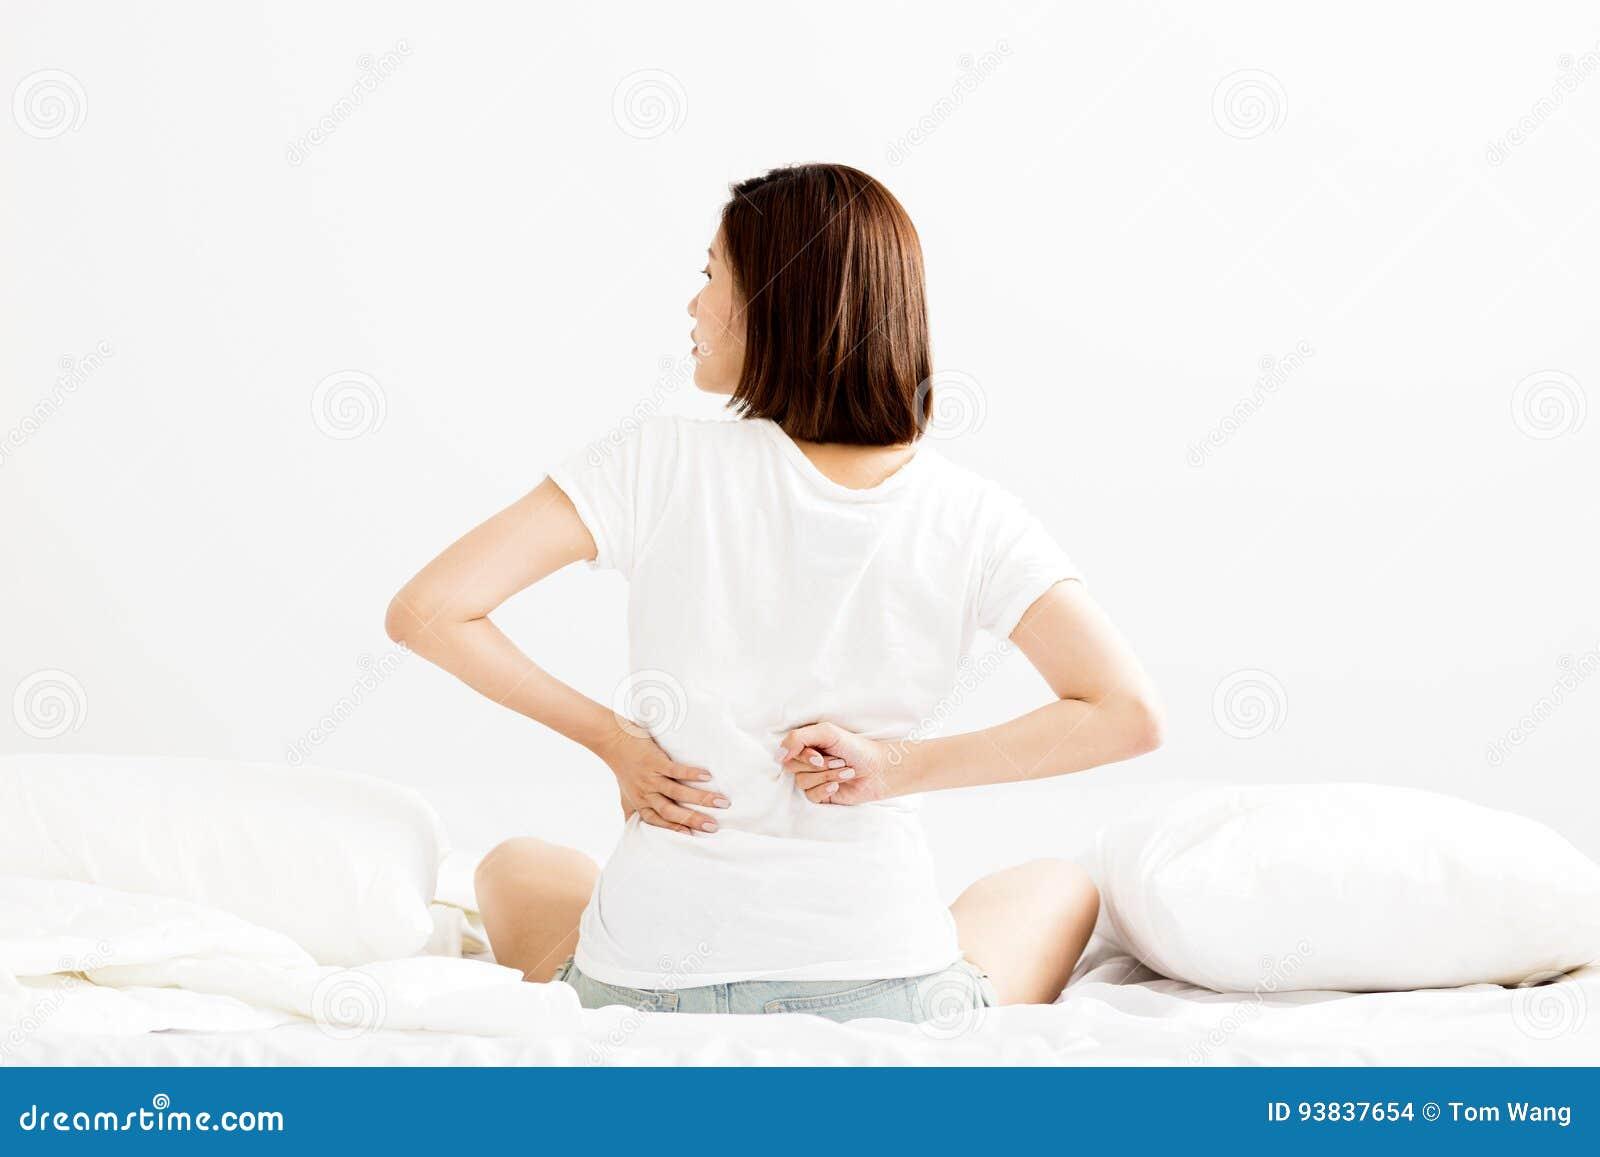 Frau Haben Rückenschmerzen Auf Weißem Bett Stockfoto - Bild von ...